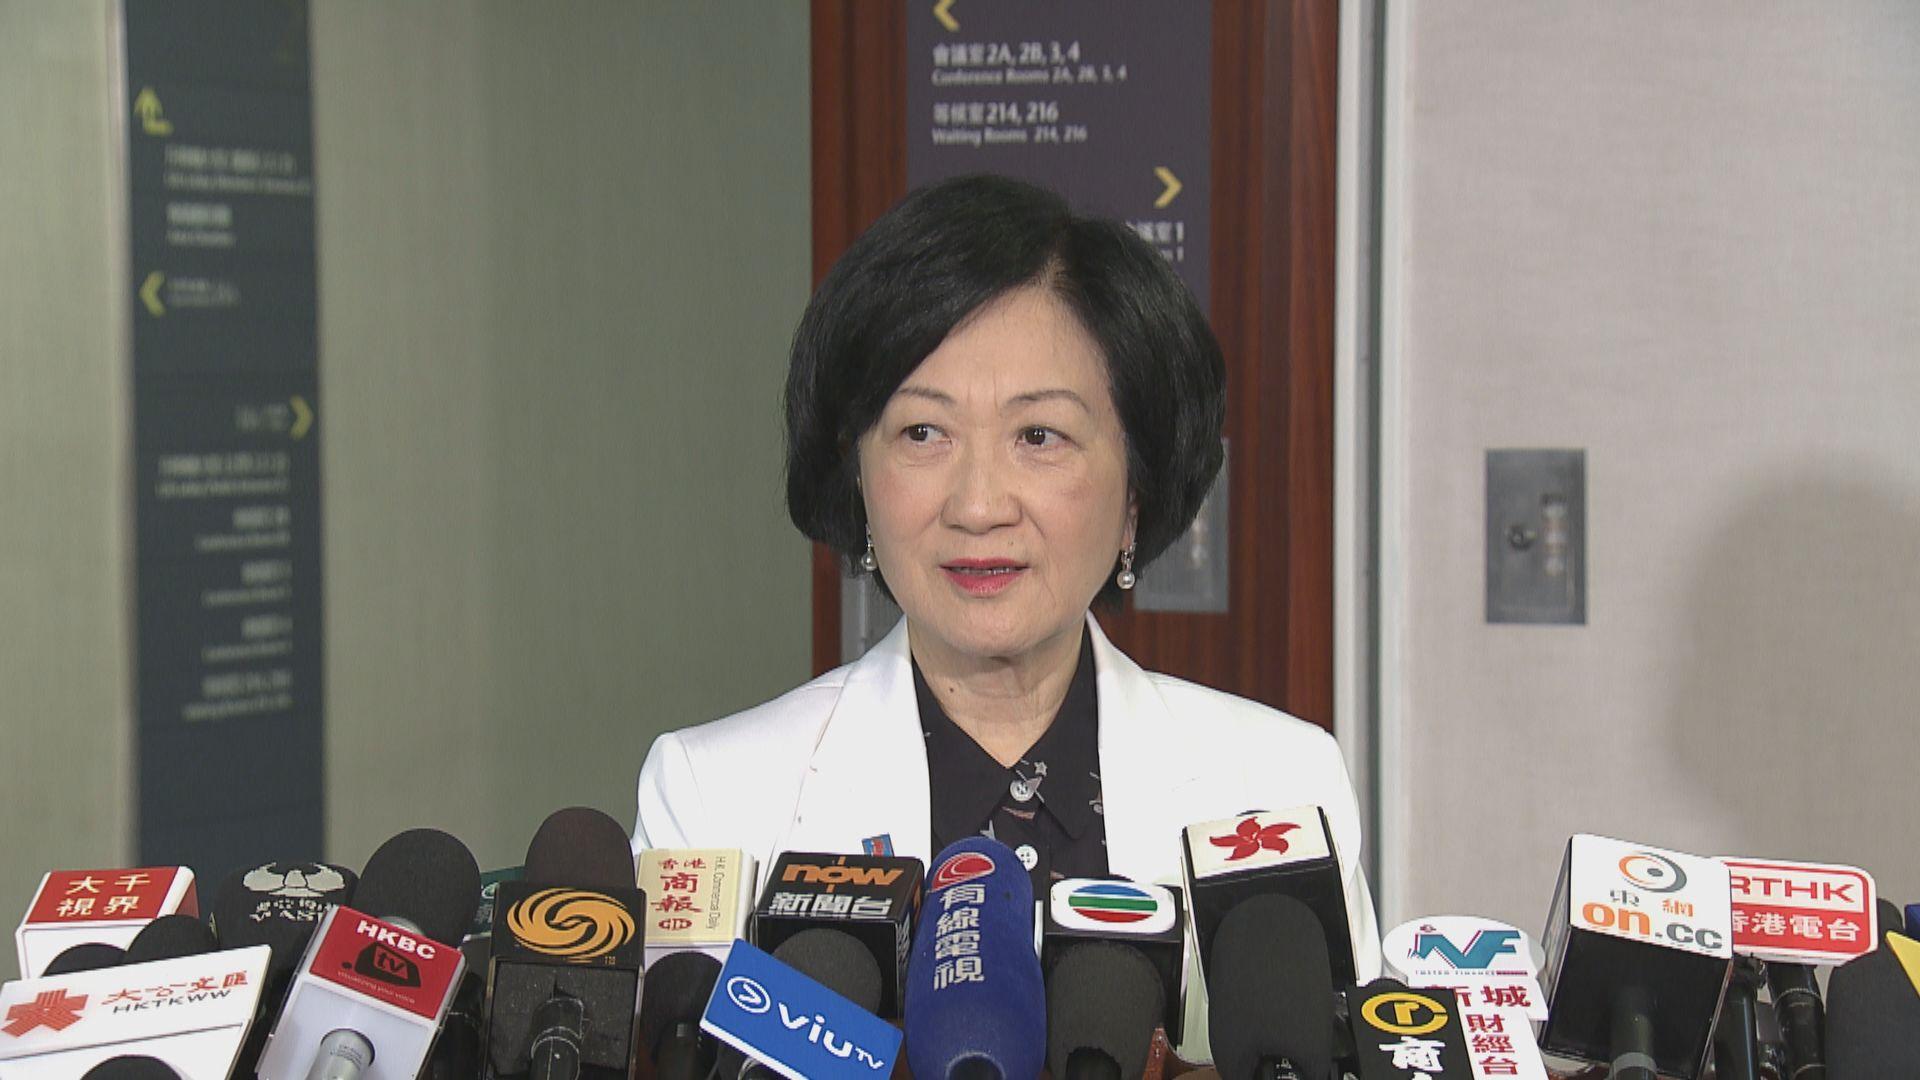 葉劉淑儀:政府更改字眼亦不能滿足示威者